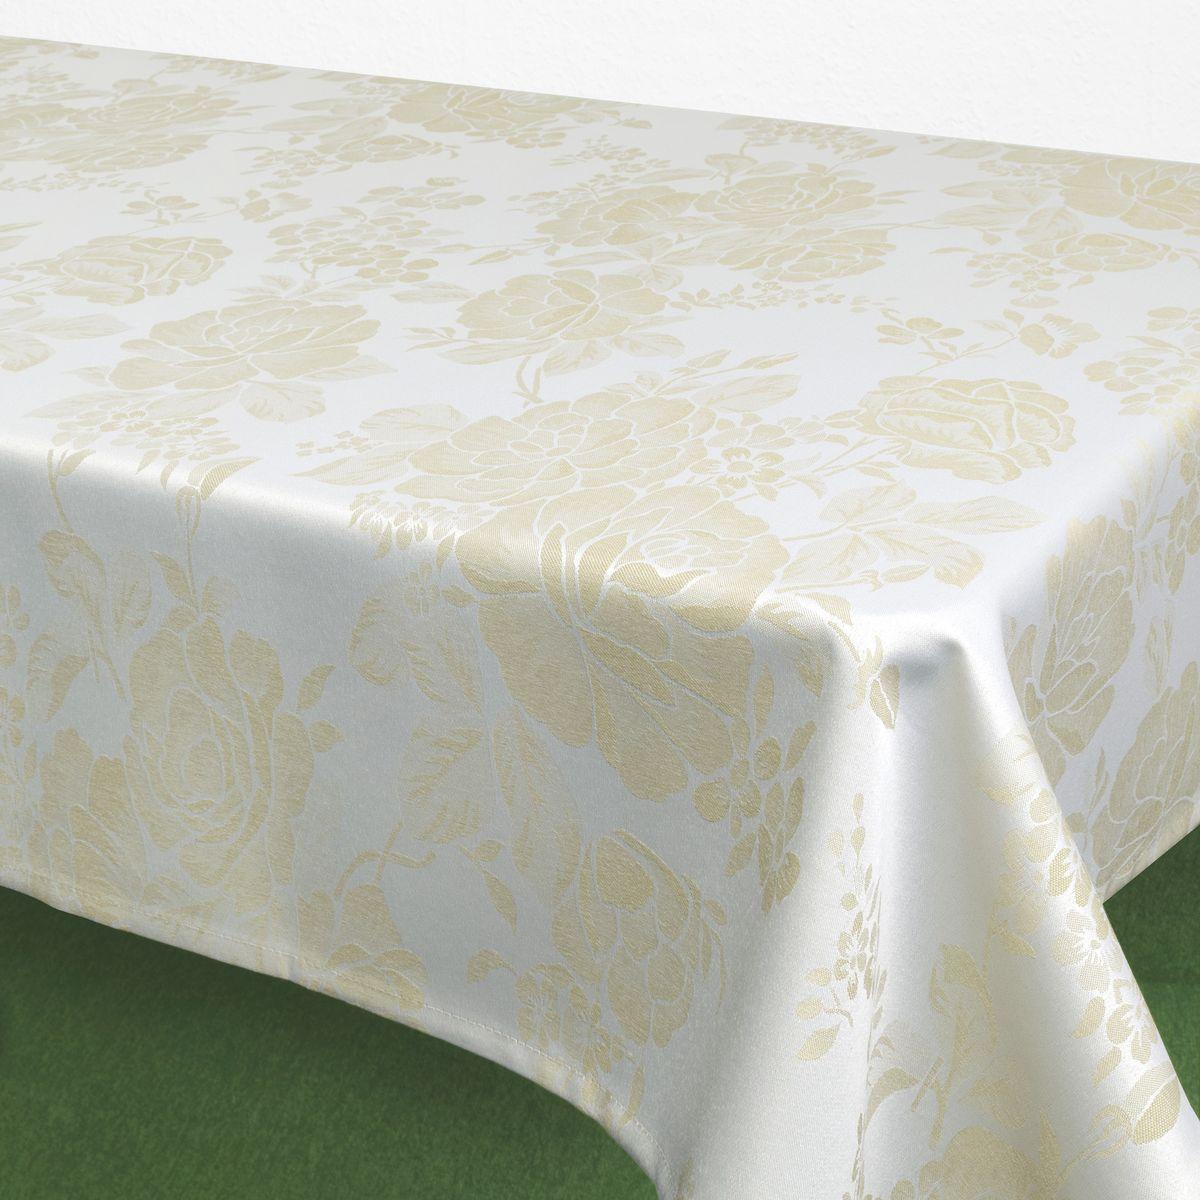 Скатерть Schaefer, прямоугольная, цвет: белый, кремовый, 160 х 220 см. 07837-40807837-408Стильная скатерть Schaefer выполнена из полиэстера.Изделия из полиэстера легко стирать: они не мнутся, не садятся и быстро сохнут, они более долговечны, чем изделия из натуральных волокон.Немецкая компания Schaefer создана в 1921 году. На протяжении всего времени существования она создает уникальные коллекции домашнего текстиля для гостиных, спален, кухонь и ванных комнат. Дизайнерские идеи немецких художников компании Schaefer воплощаются в текстильных изделиях, которые сделают ваш дом красивее и уютнее и не останутся незамеченными вашими гостями. Дарите себе и близким красоту каждый день!